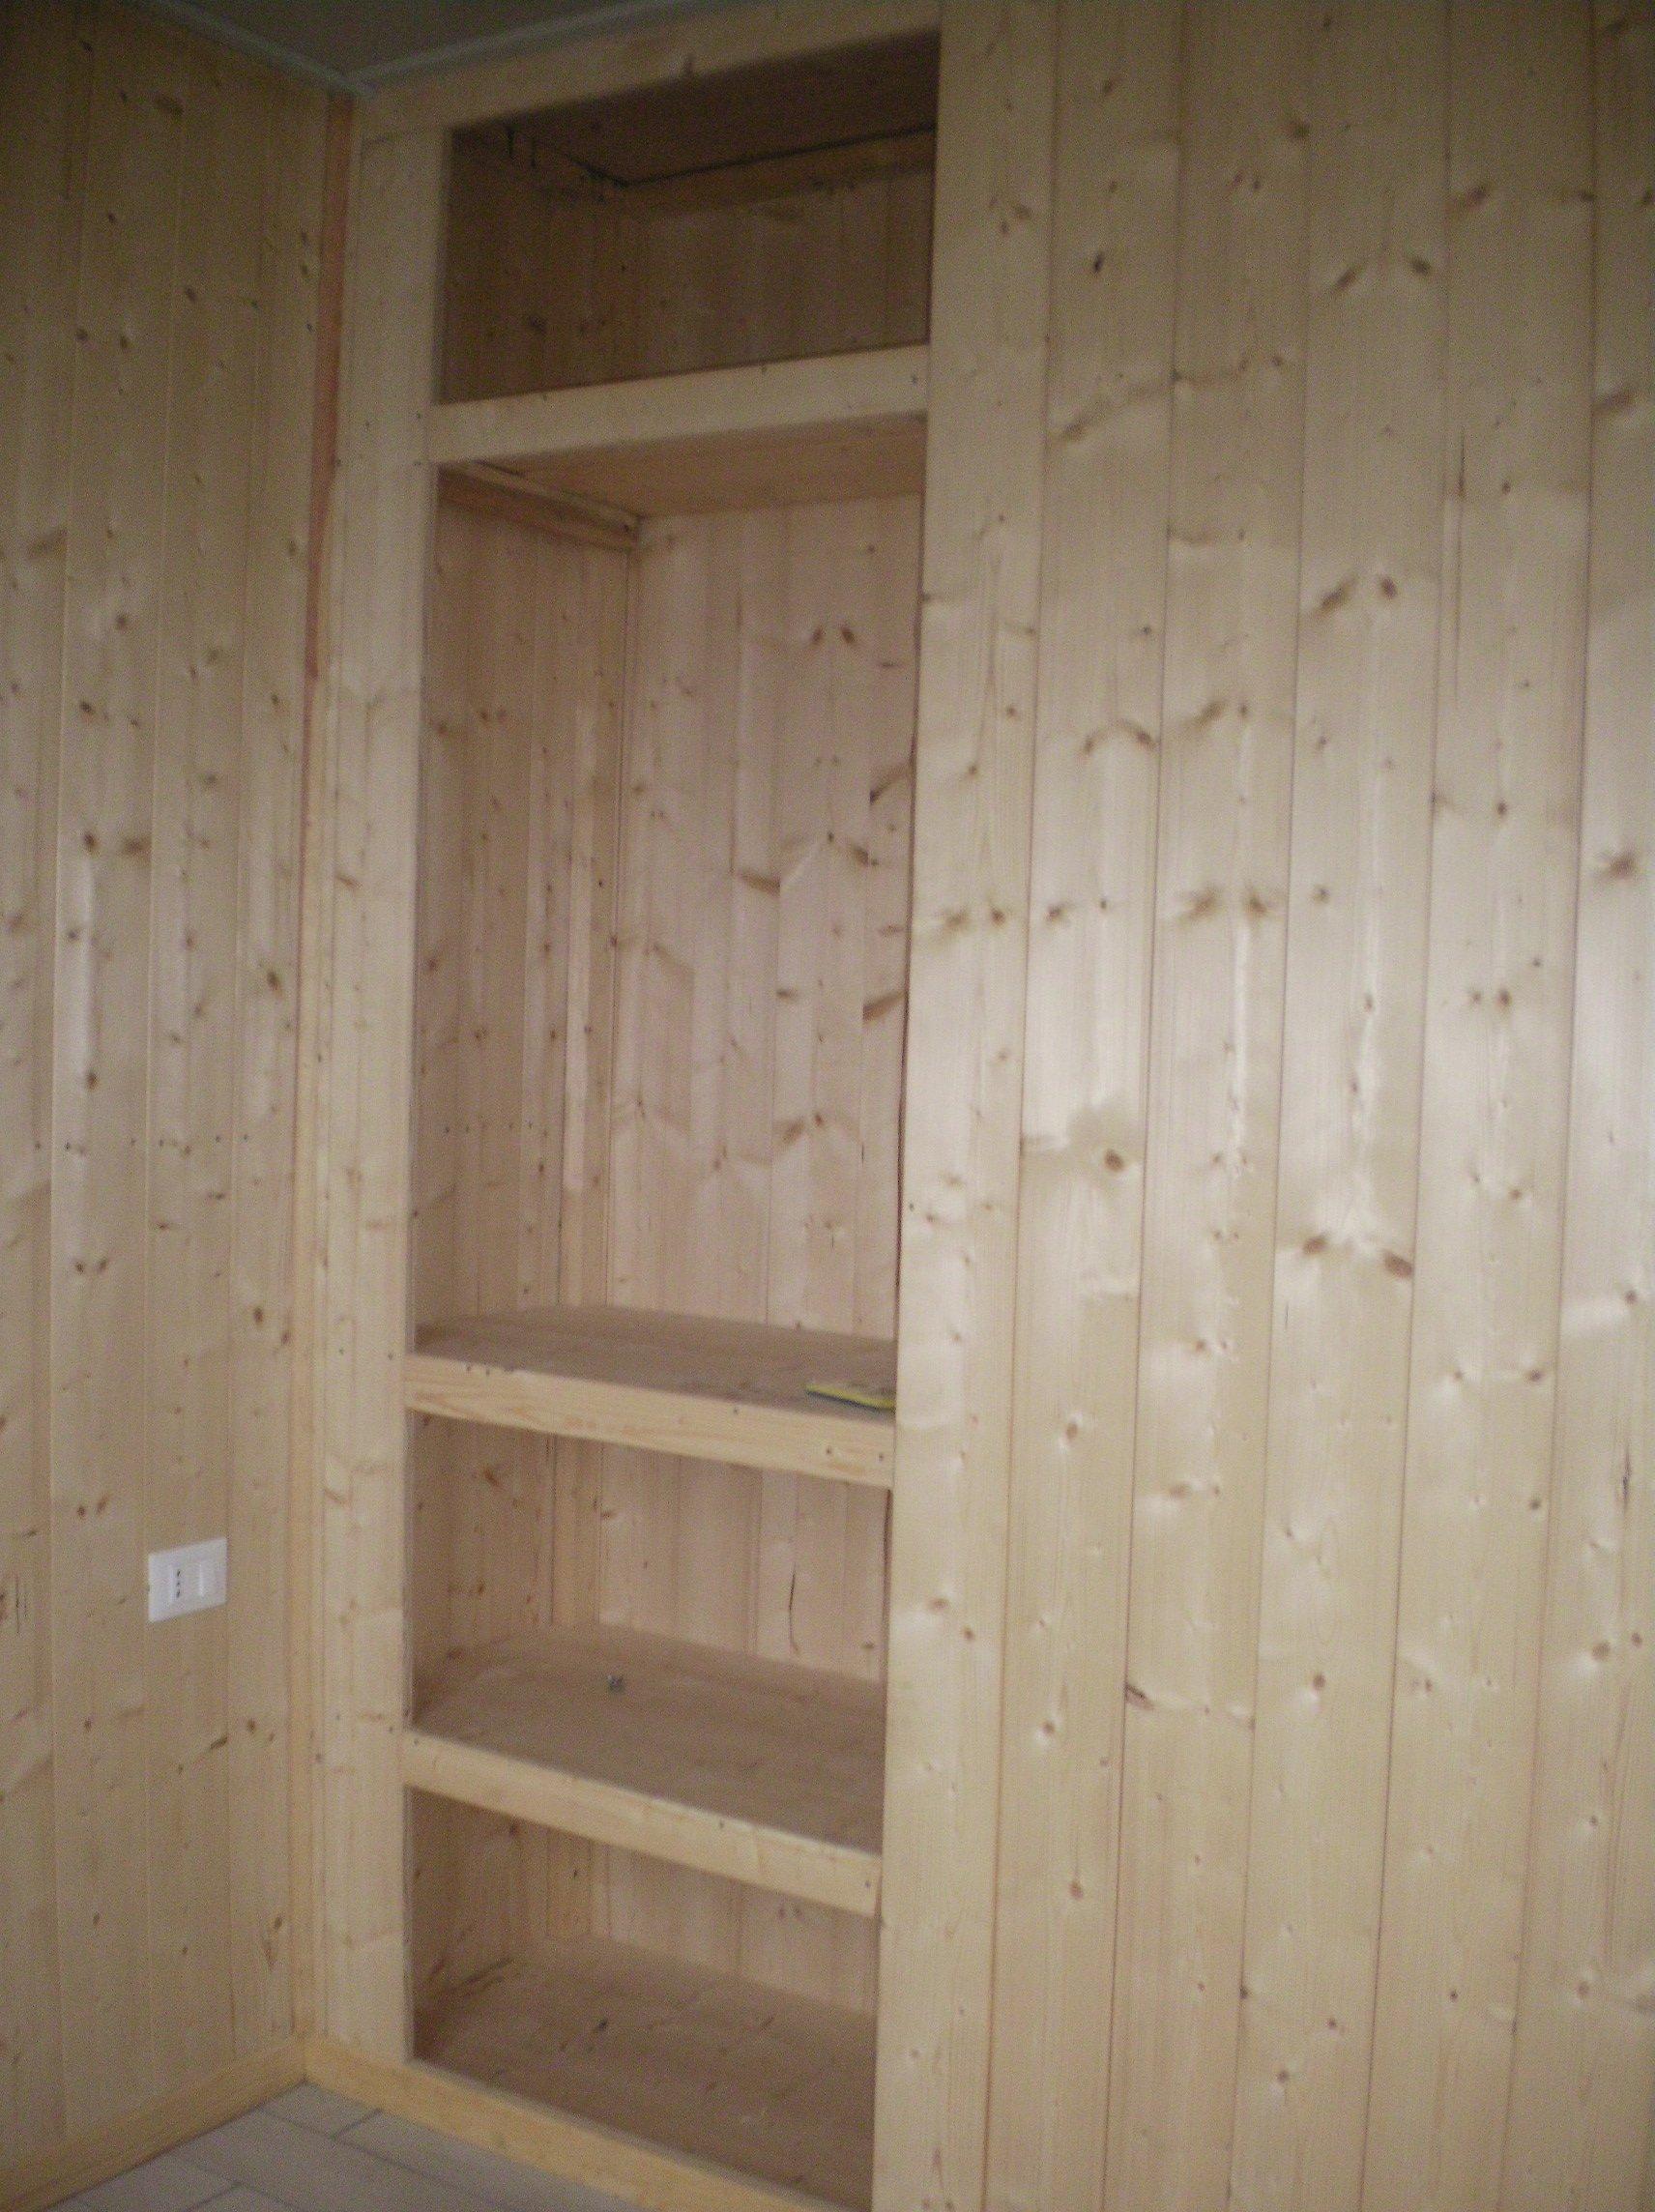 armadio del Bungalow di legno